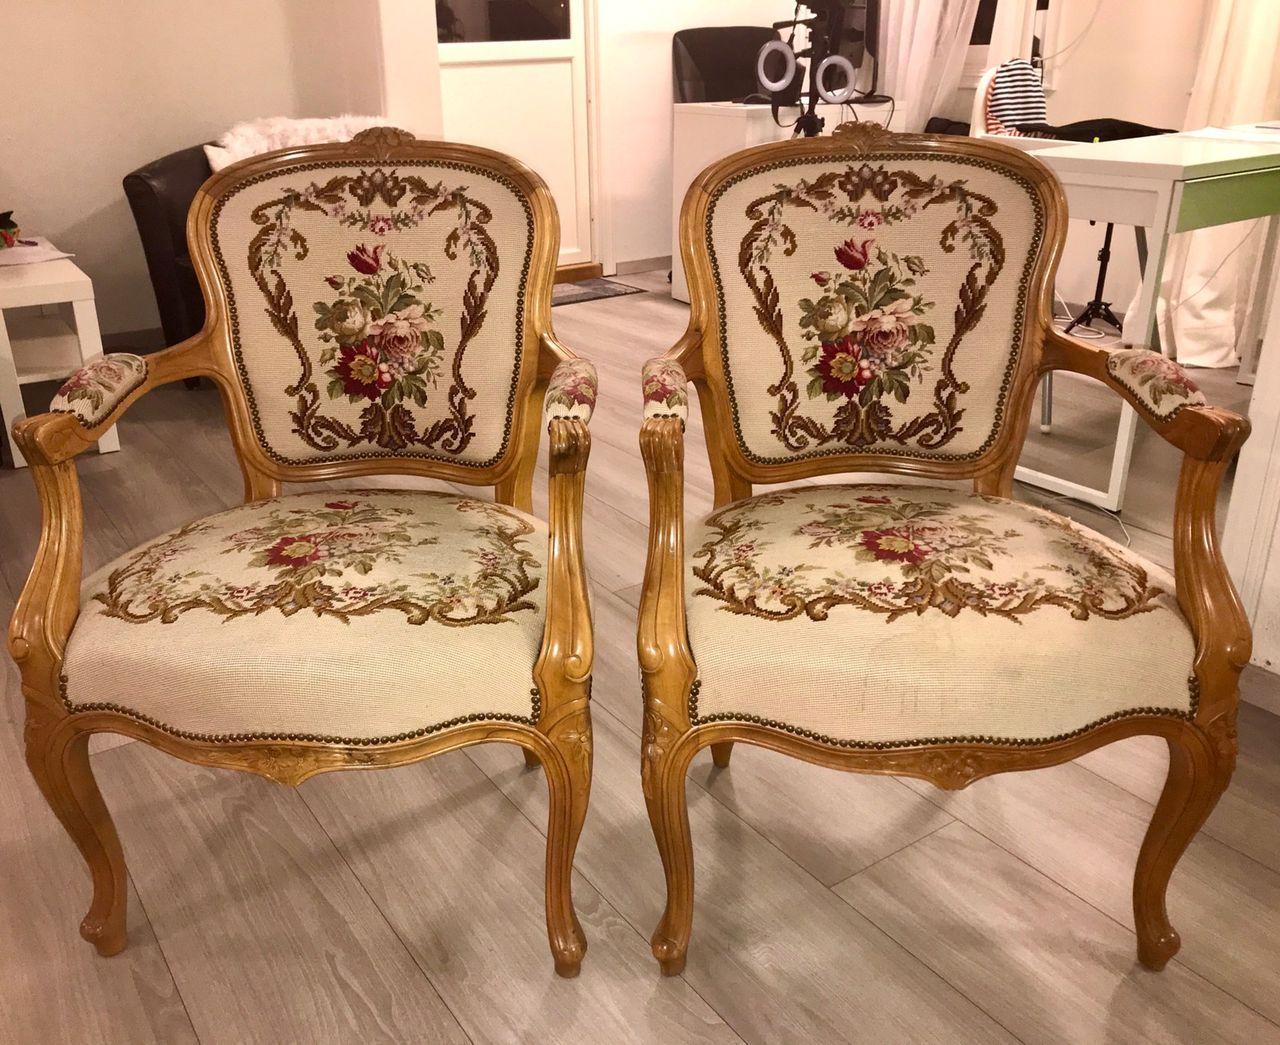 Selger 2 flotte stoler rokokko 400 per stol | FINN.no